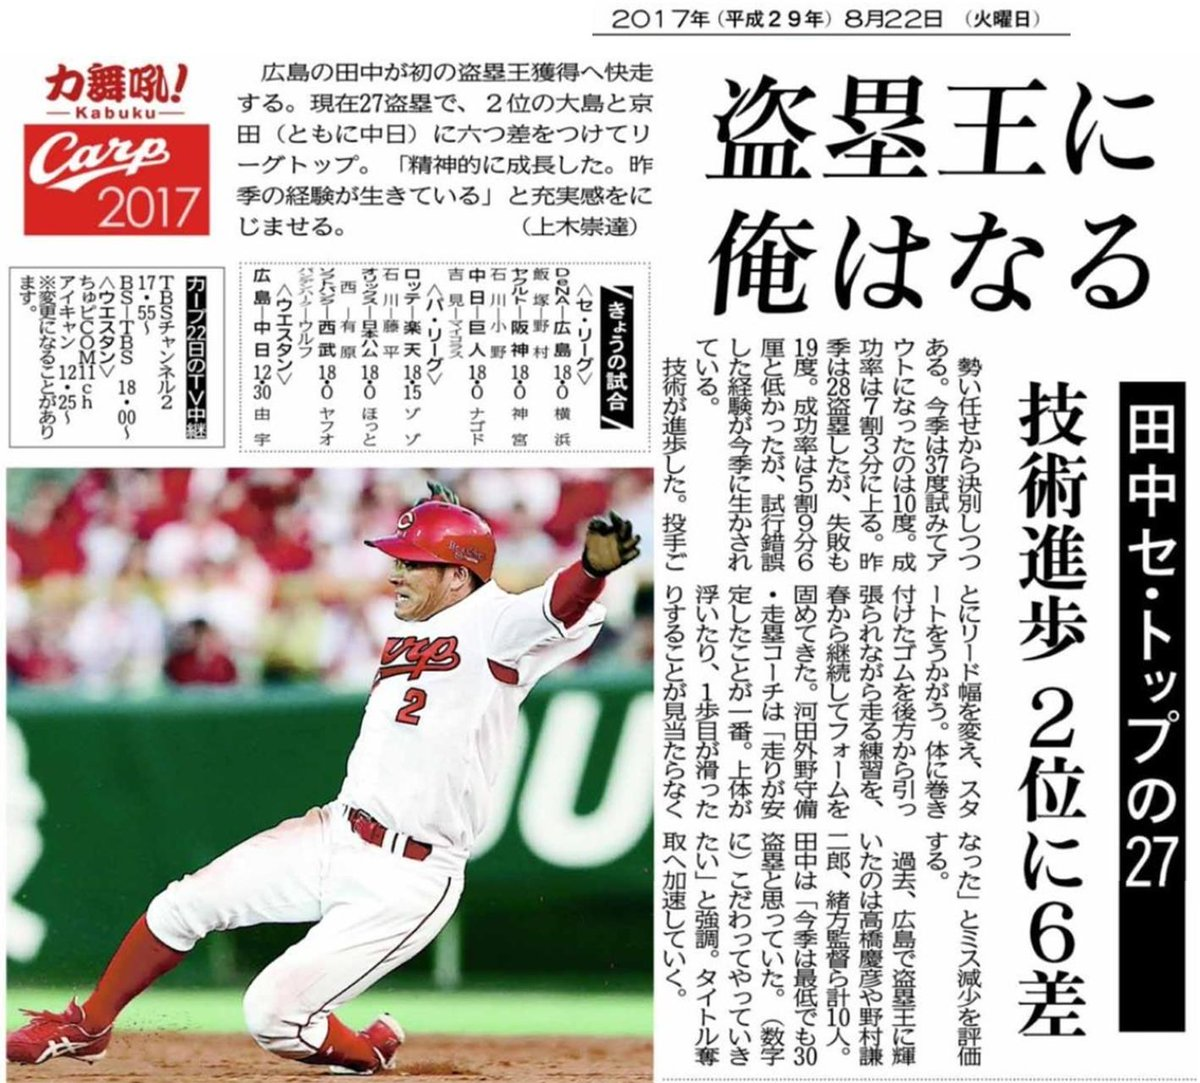 おはようございます☁8/22中國新聞です。ONE PIECEのフレーズ😊カープから久々の盗塁王頑張って欲しいですね💪昨日